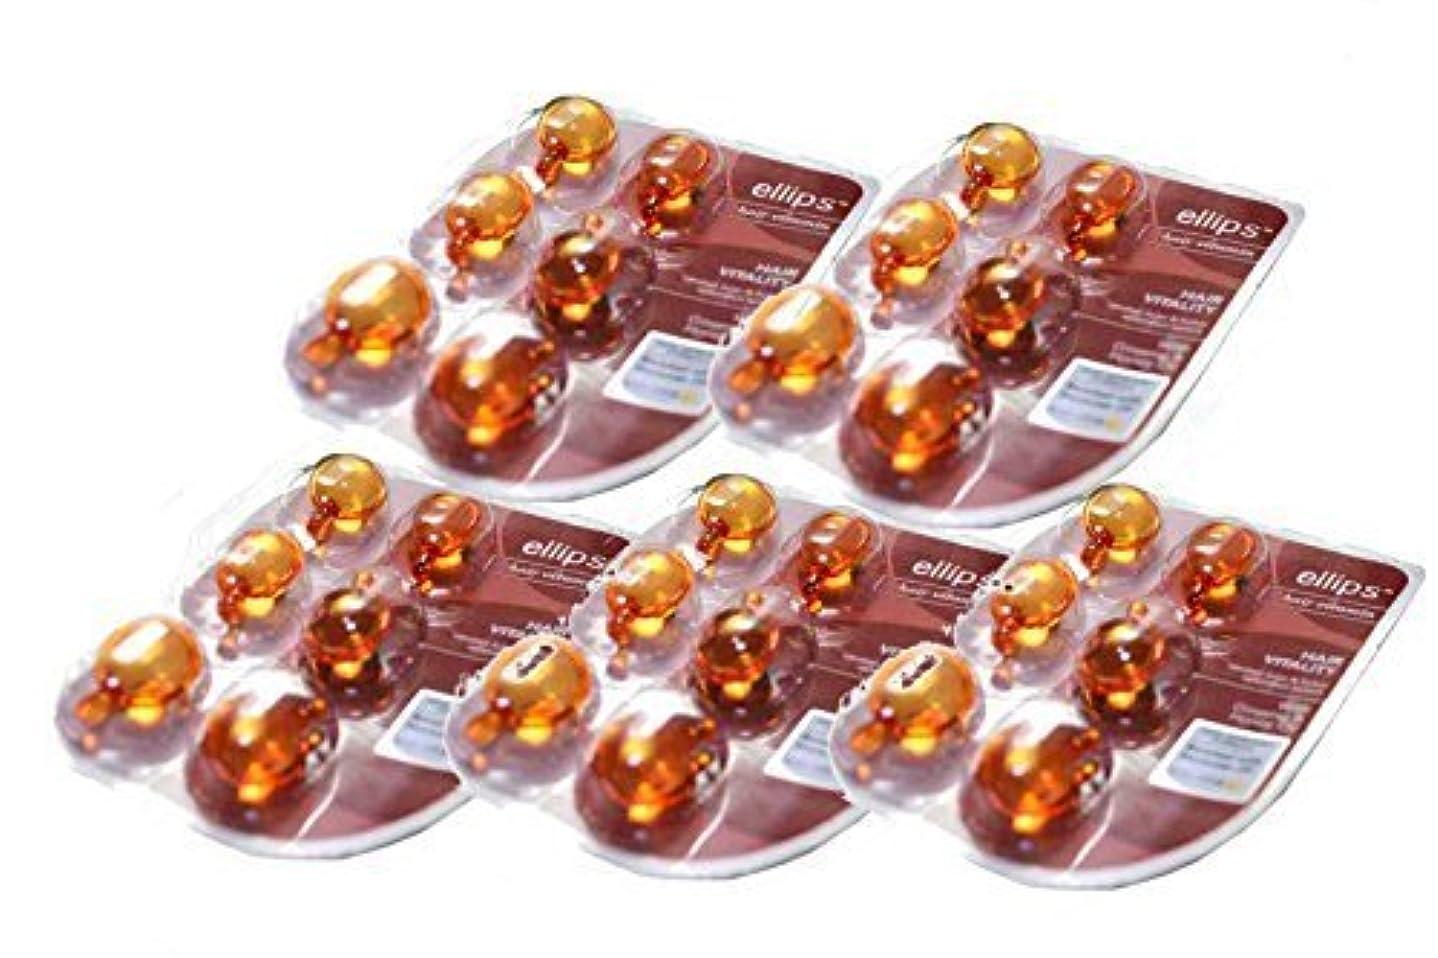 詐欺師ベテランポジションお試しエリップスellipsヘアビタミン洗い流さないヘアトリートメントオレンジ5枚セット(海外直送品)(並行輸入品) (【オレンジ】高麗人参配合)